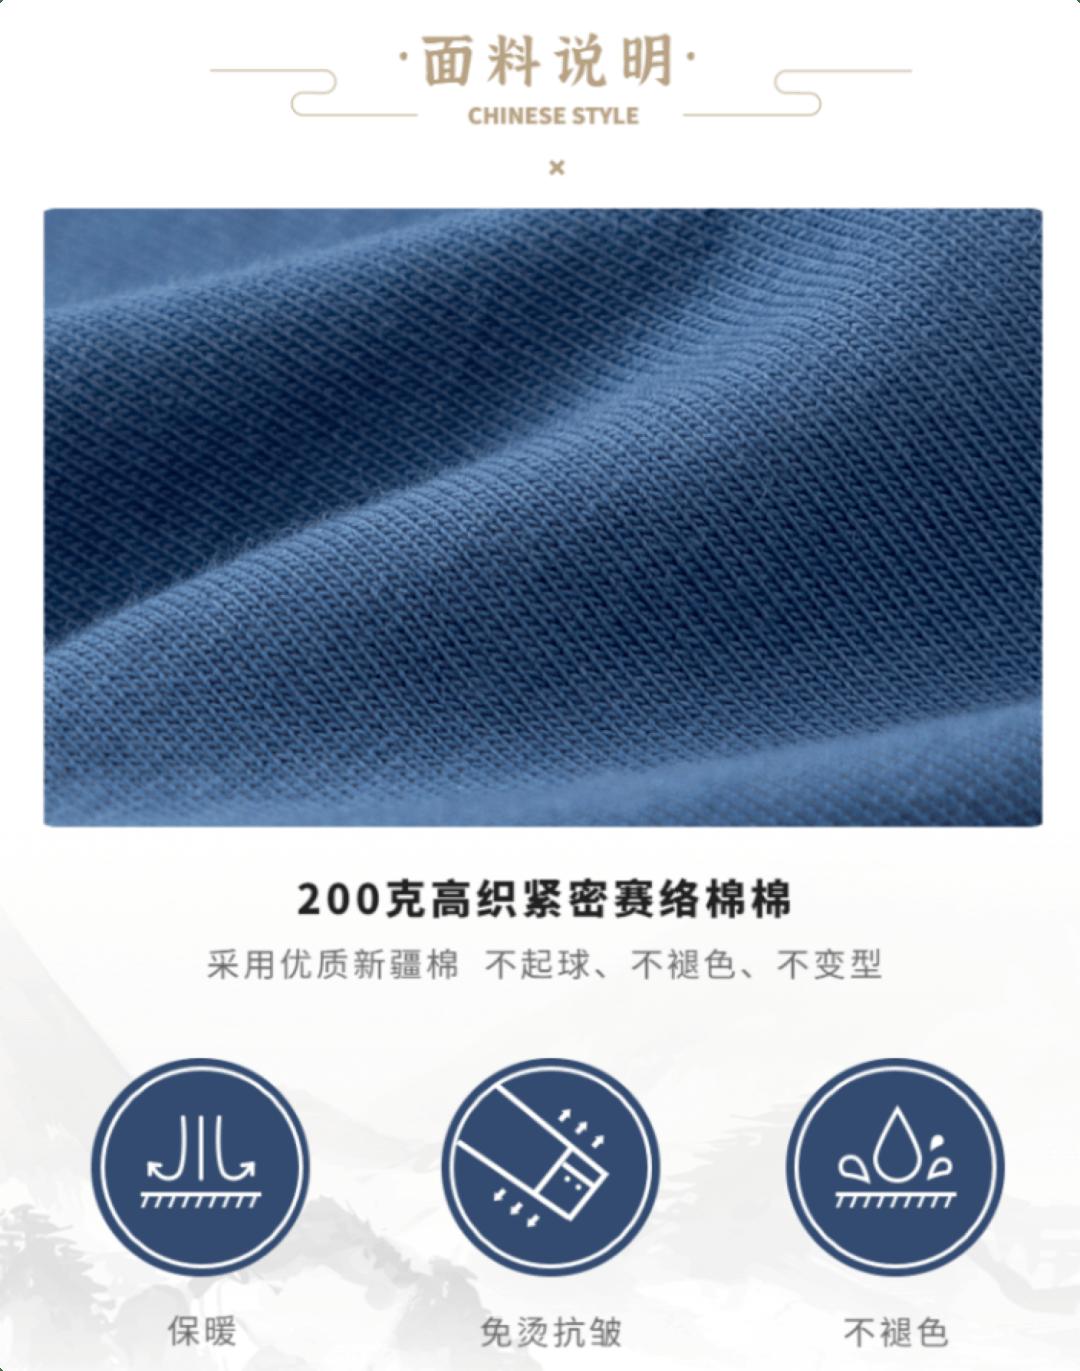 天顺app-首页【1.1.8】  第16张